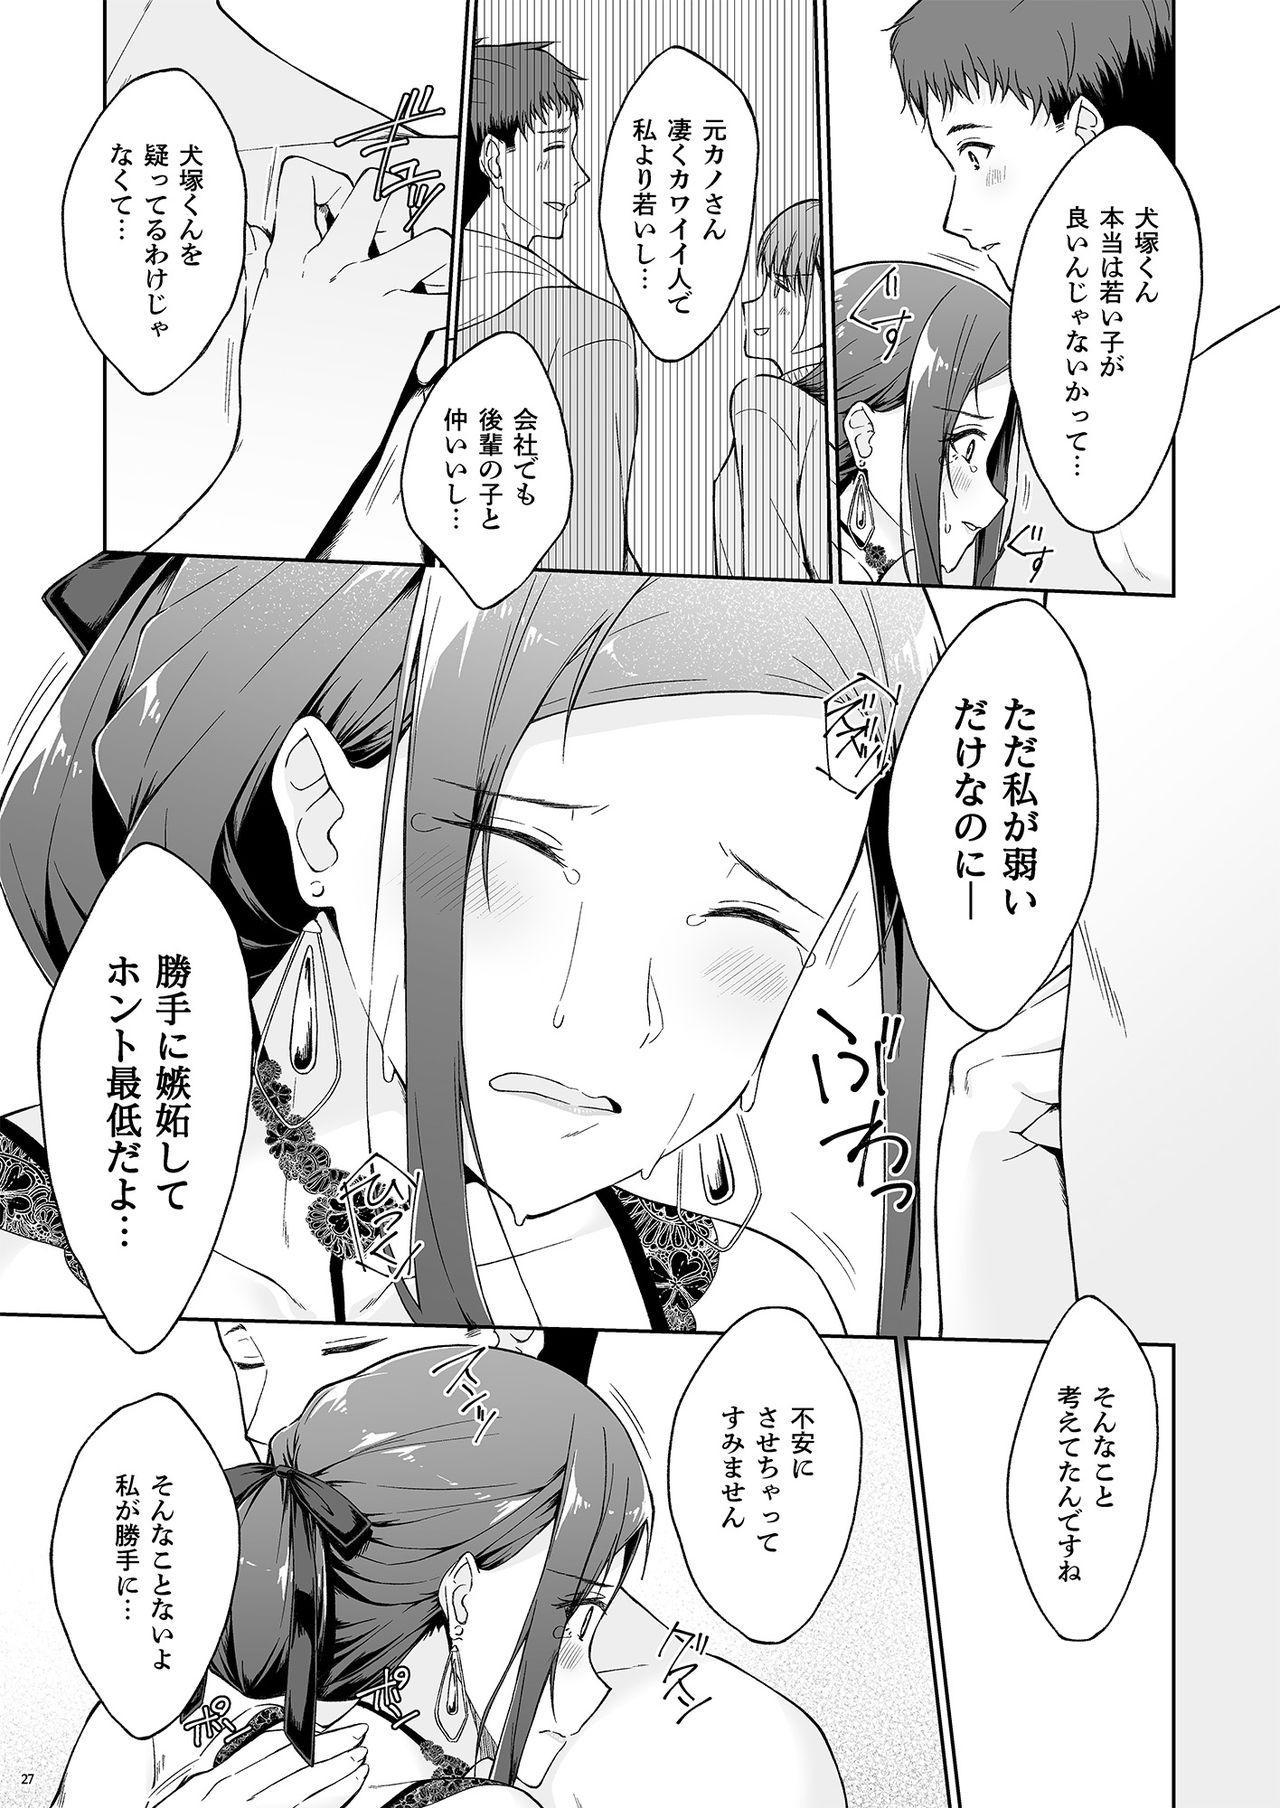 Kyuujitsu no Joushi ni wa, Kawaii Himitsu ga Aru. 2 24